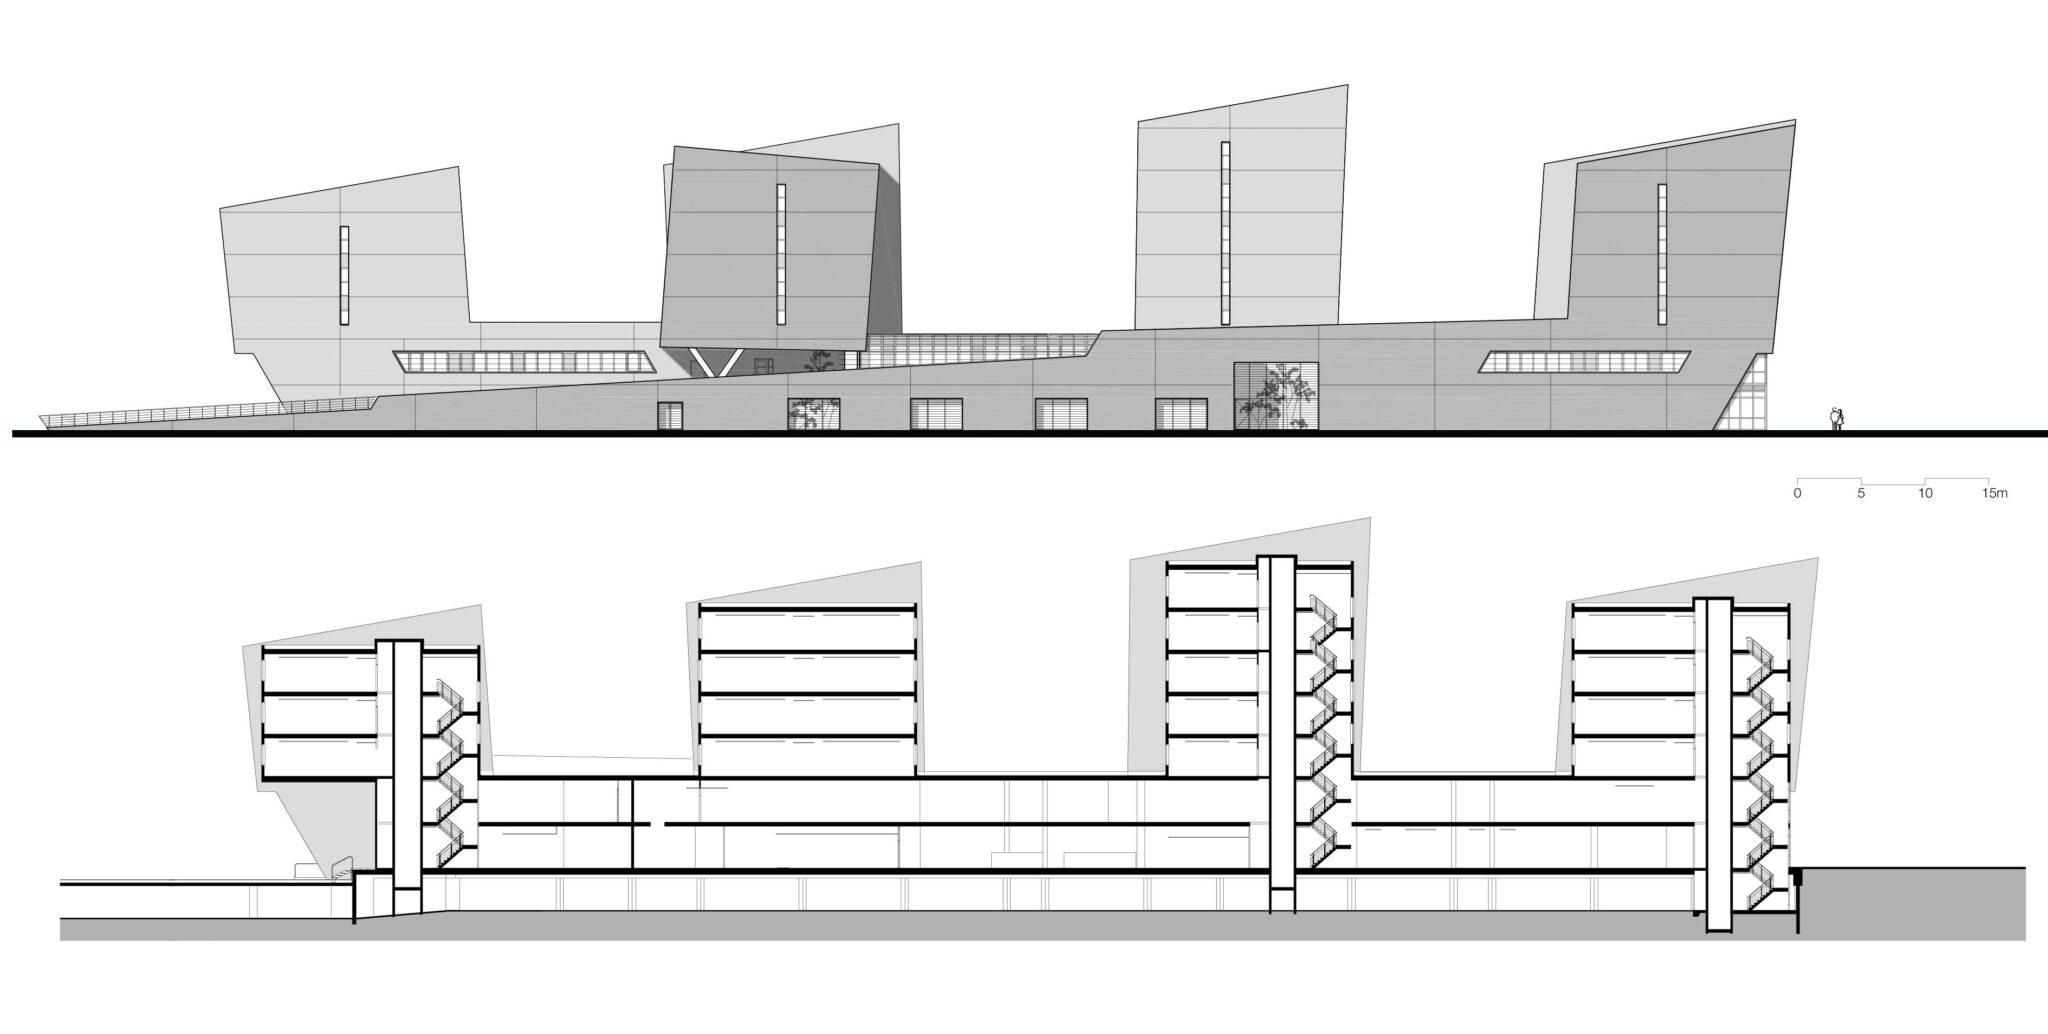 Stadskantoor Middelburg - RAU Architects